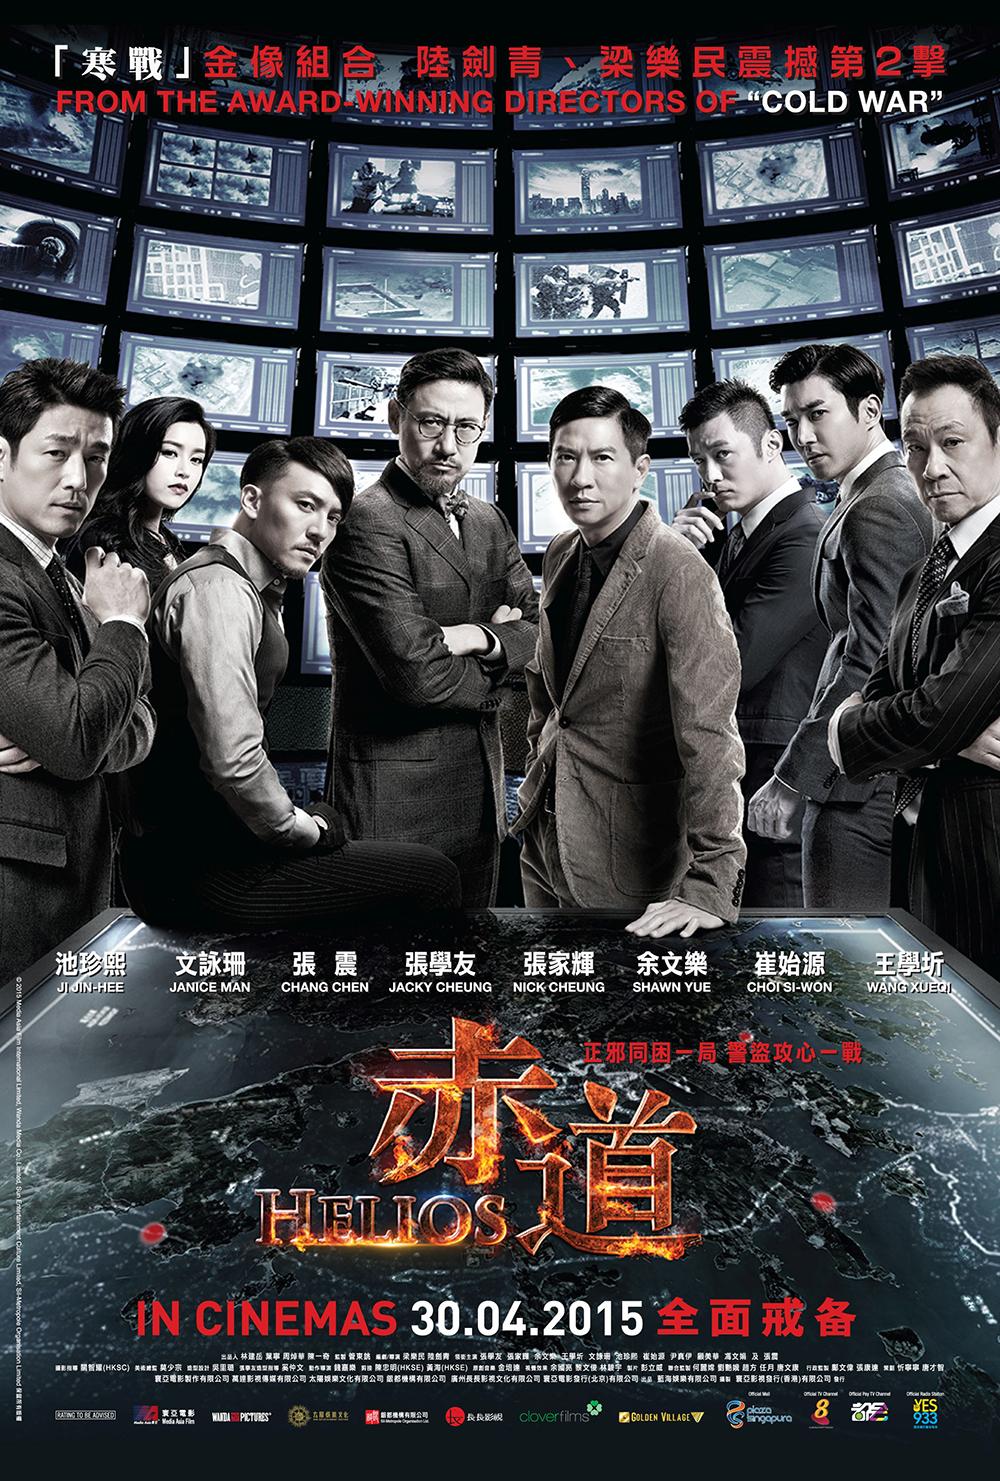 Helios (赤道) Movie Poster 2015